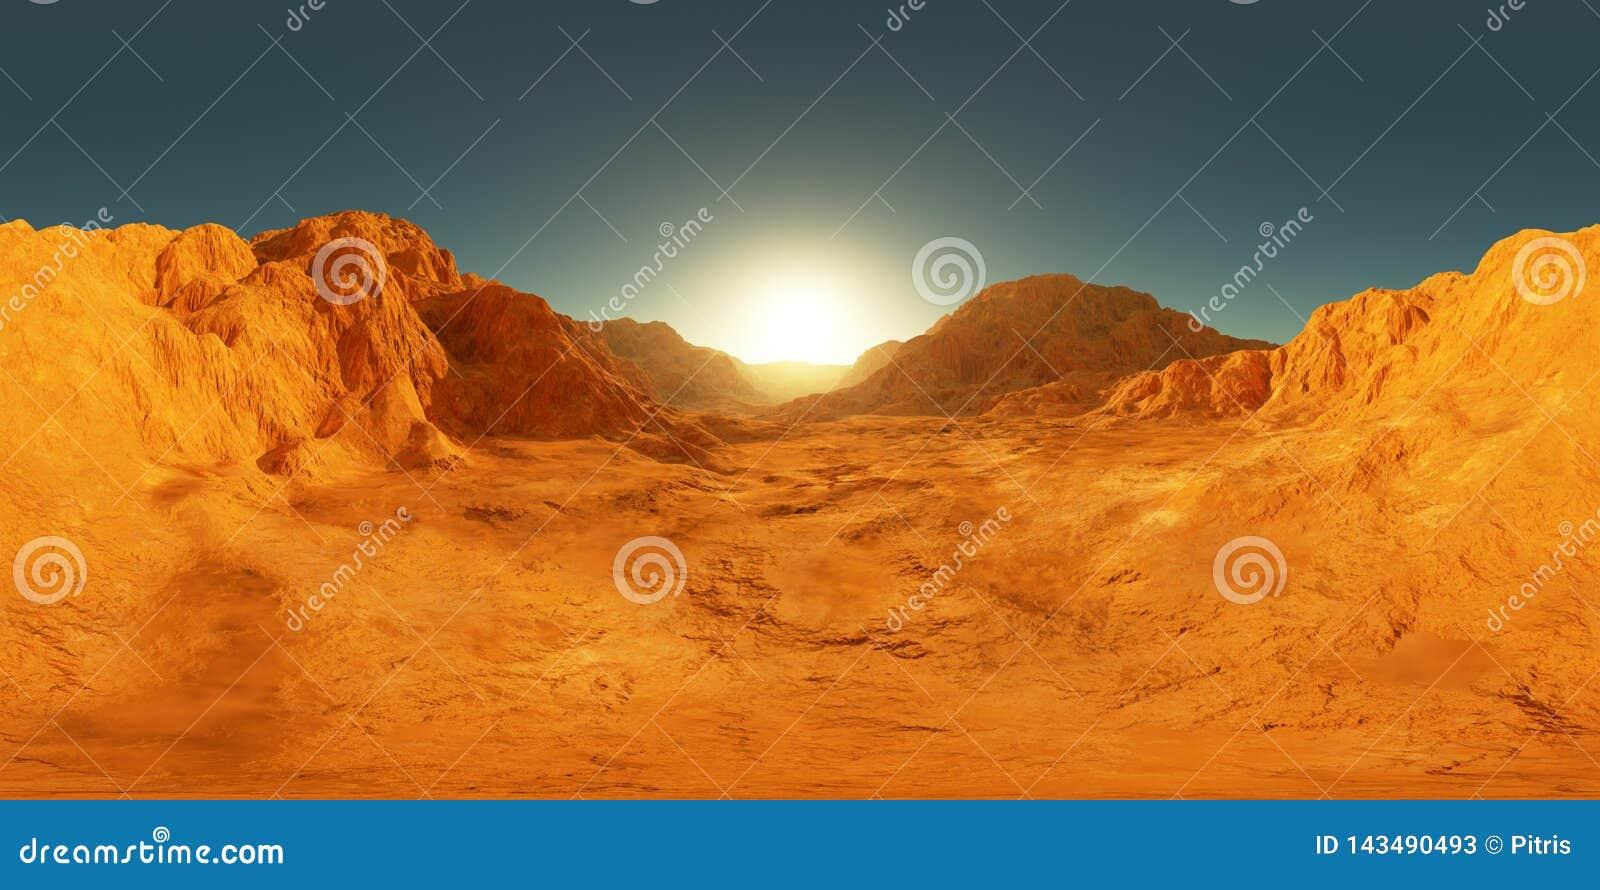 πανόραμα 360 βαθμού του ηλιοβασιλέματος του Άρη, χάρτης περιβάλλοντος HDRI Προβολή Equirectangular, σφαιρικό πανόραμα Αριανό τοπί